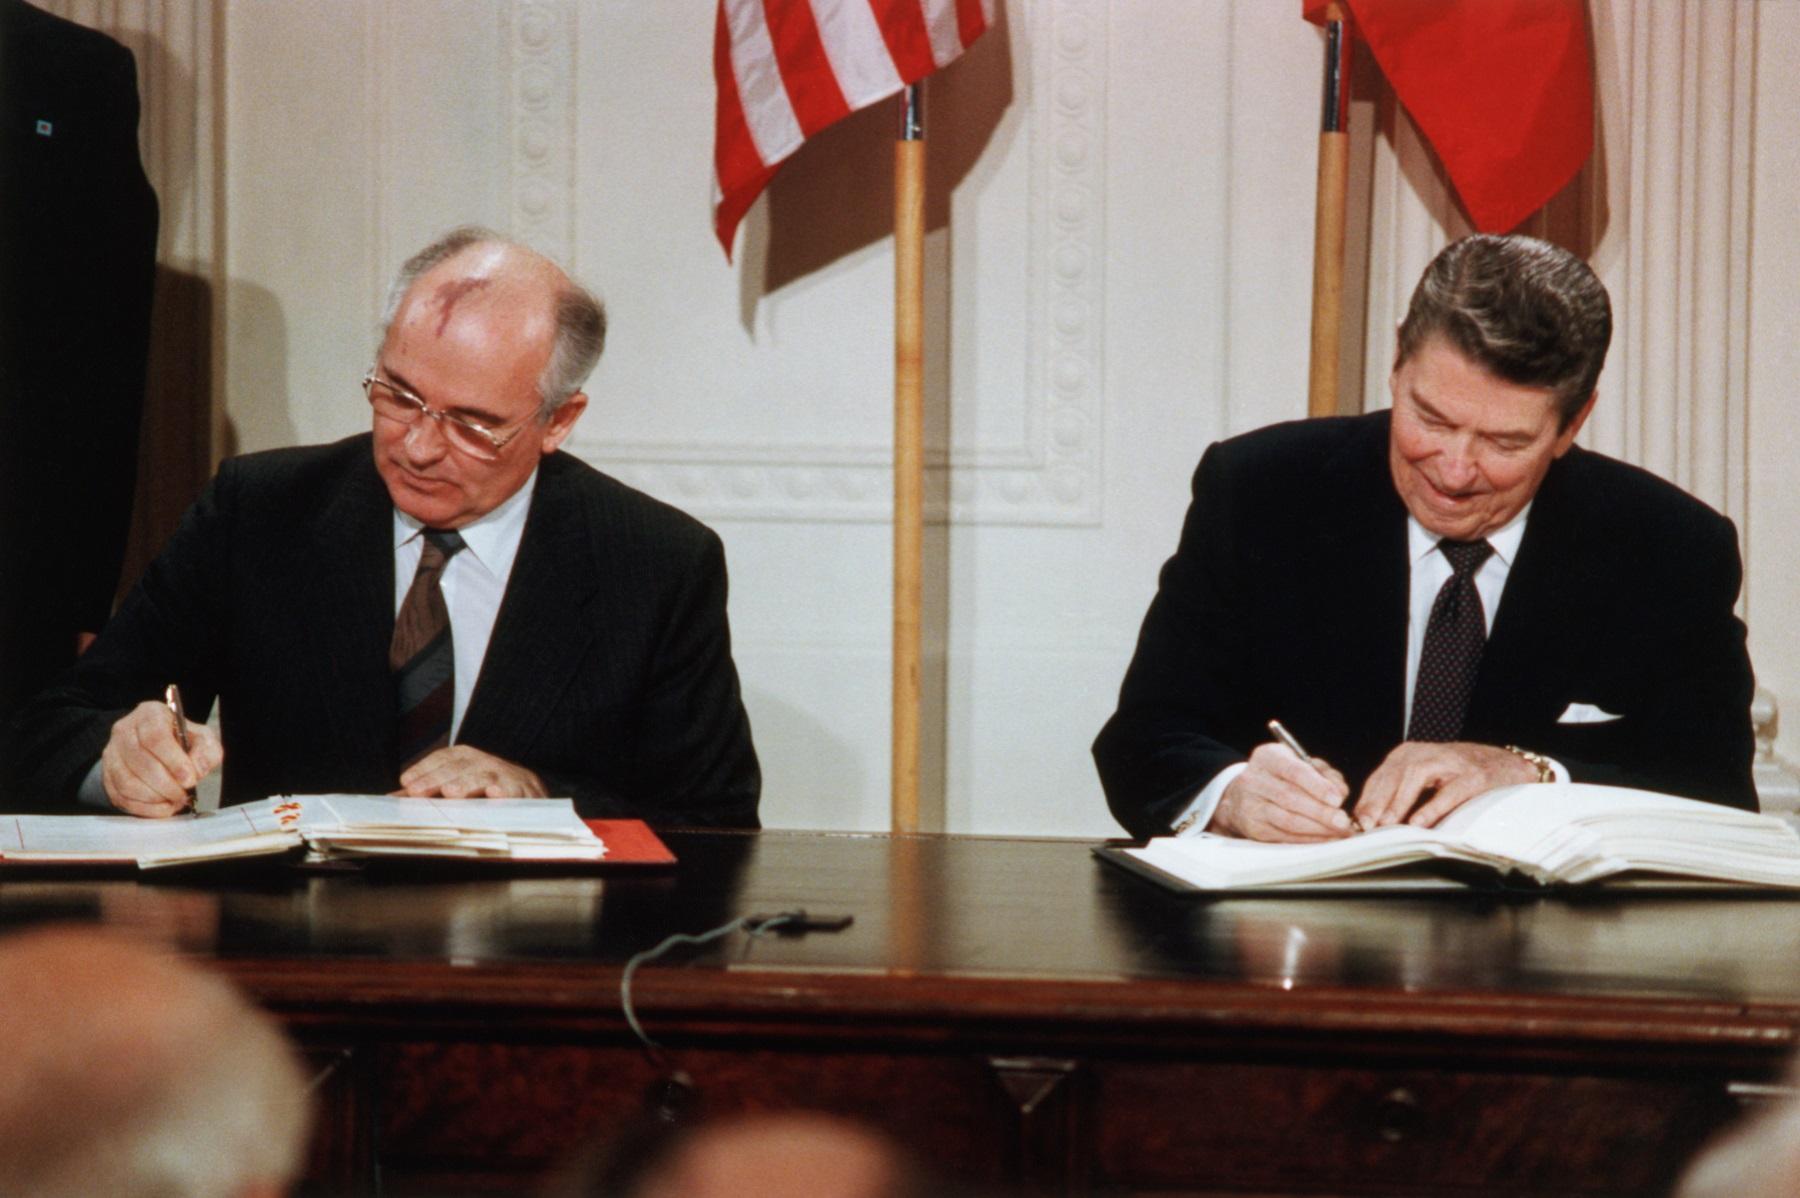 الرئيس الأميركي رونالد ريغان والرئيس السوفياتي ميخائيل غورباتشيف يوقّعان معاهدة الصواريخ النووية متوسطة المدى، 8/12/1987 (غيتي)